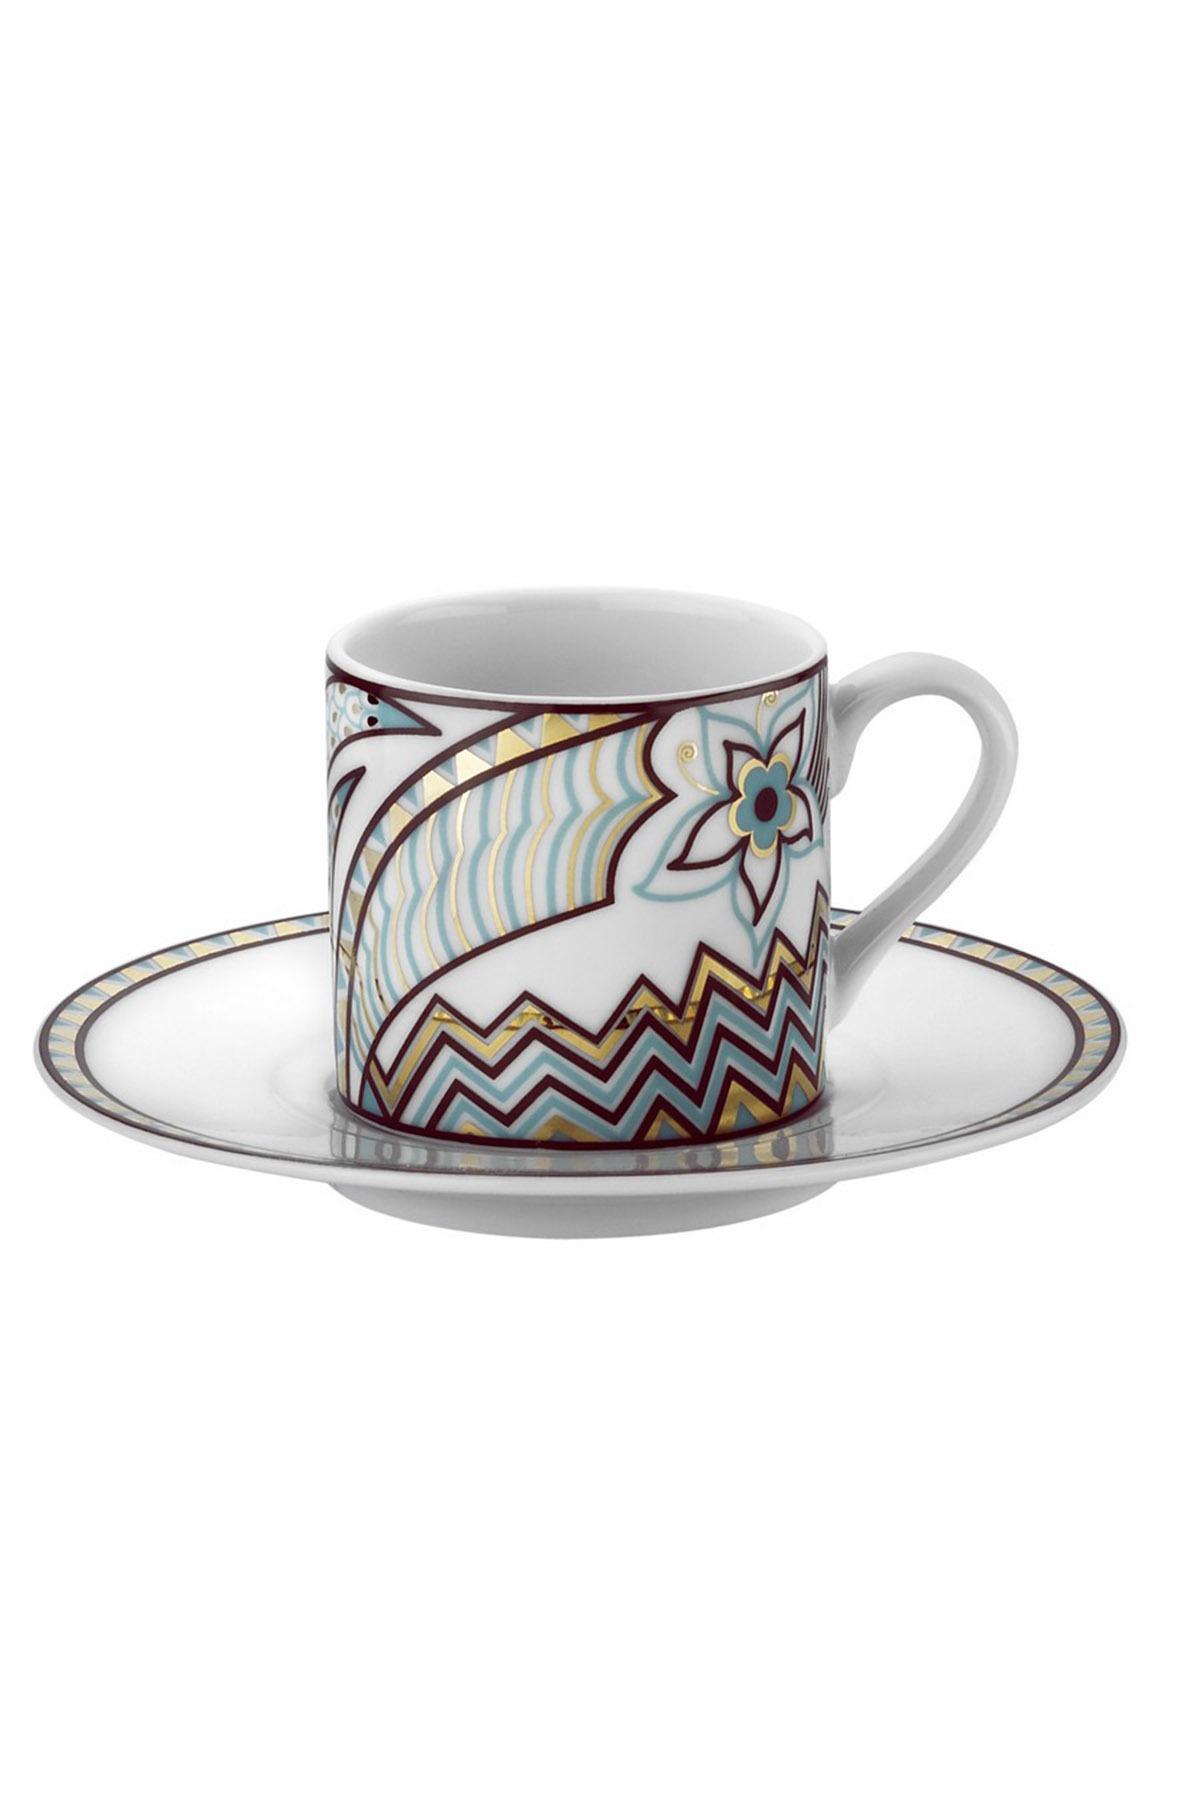 KÜTAHYA PORSELEN - Kütahya Porselen Rüya 9063 Desen Kahve Fincan Takımı